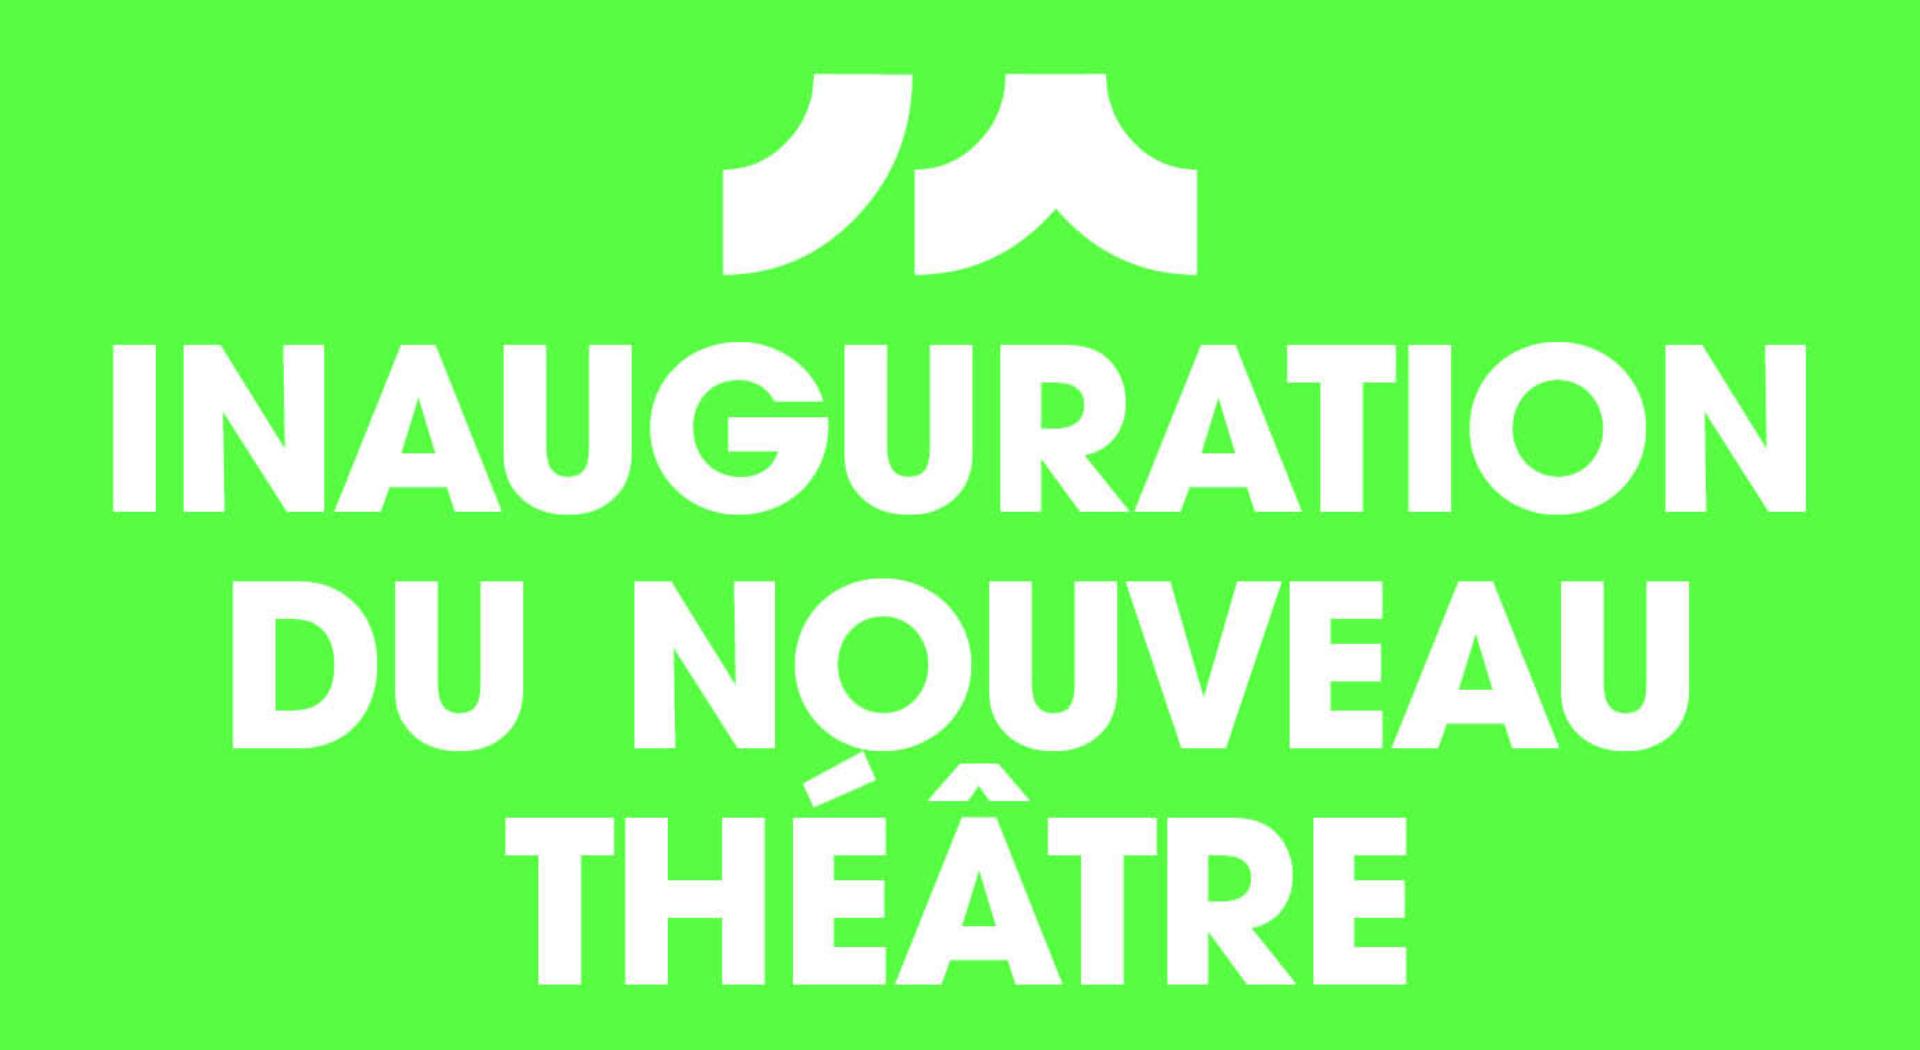 Inauguration dunouveau théâtre